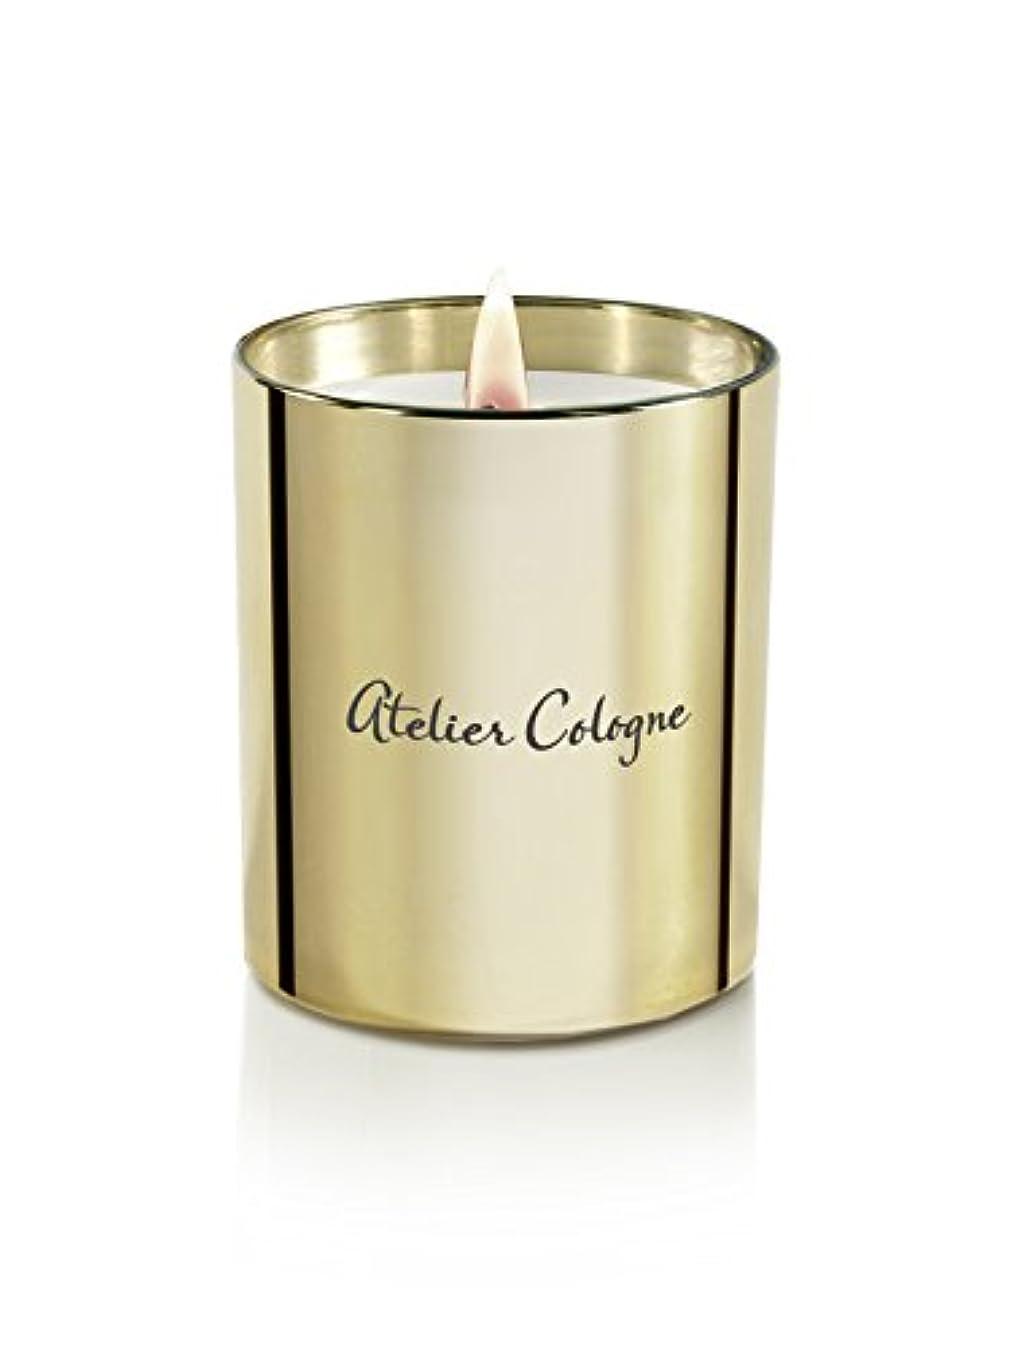 遺跡シャープスマイルアトリエコロン Bougie Candle - Gold Leather 190g/6.7oz並行輸入品